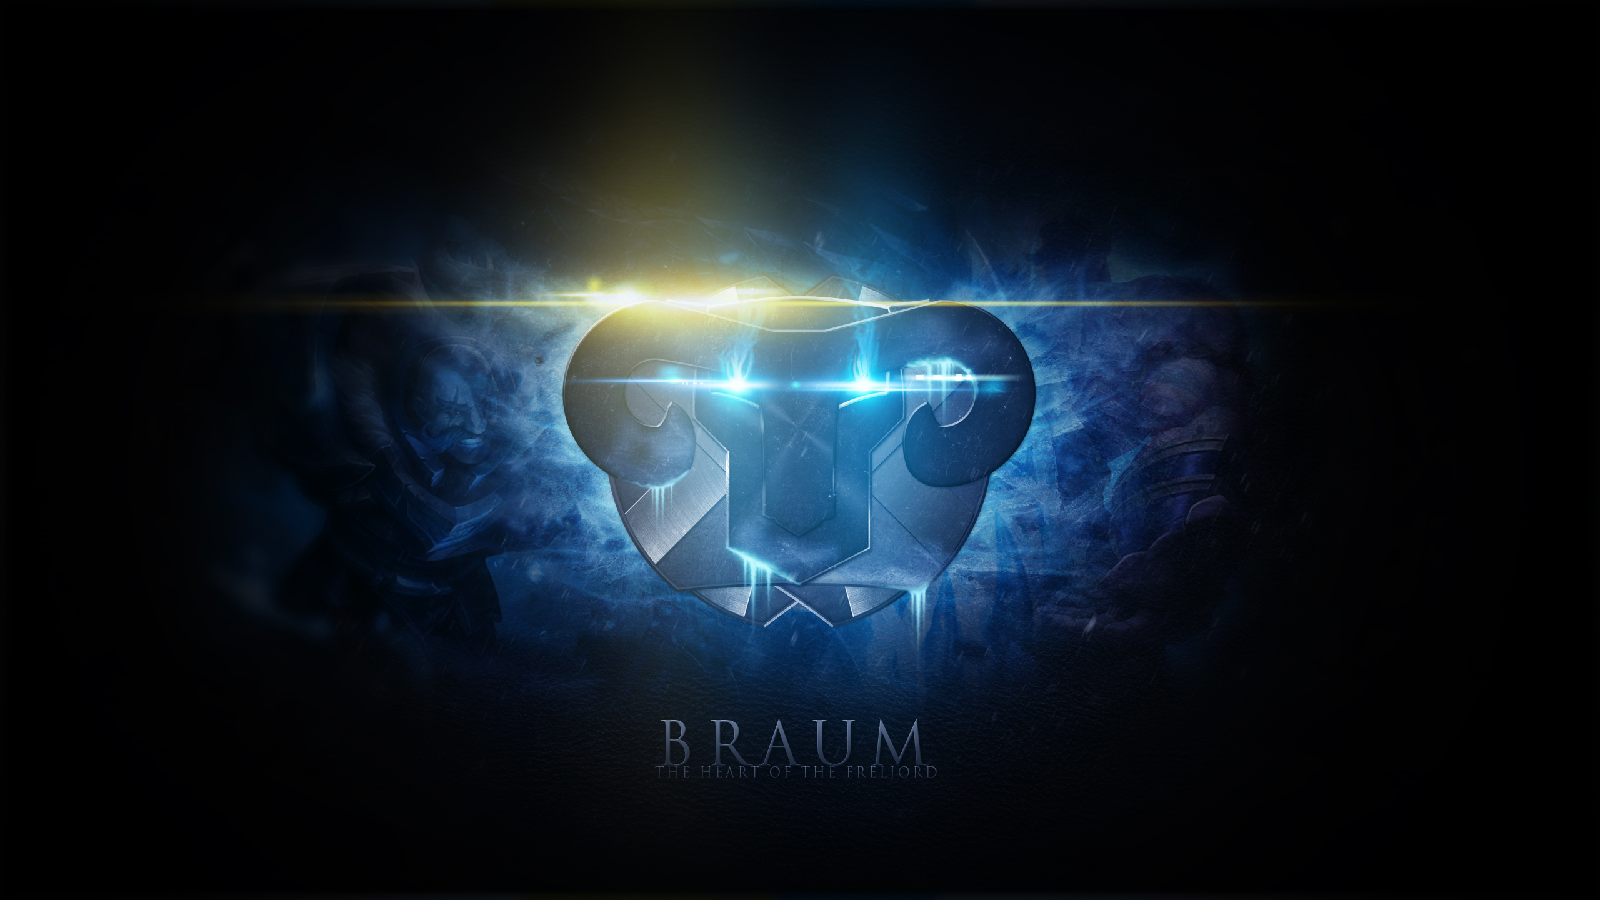 Braum League Of Legends Wallpapers HD 1920x1080